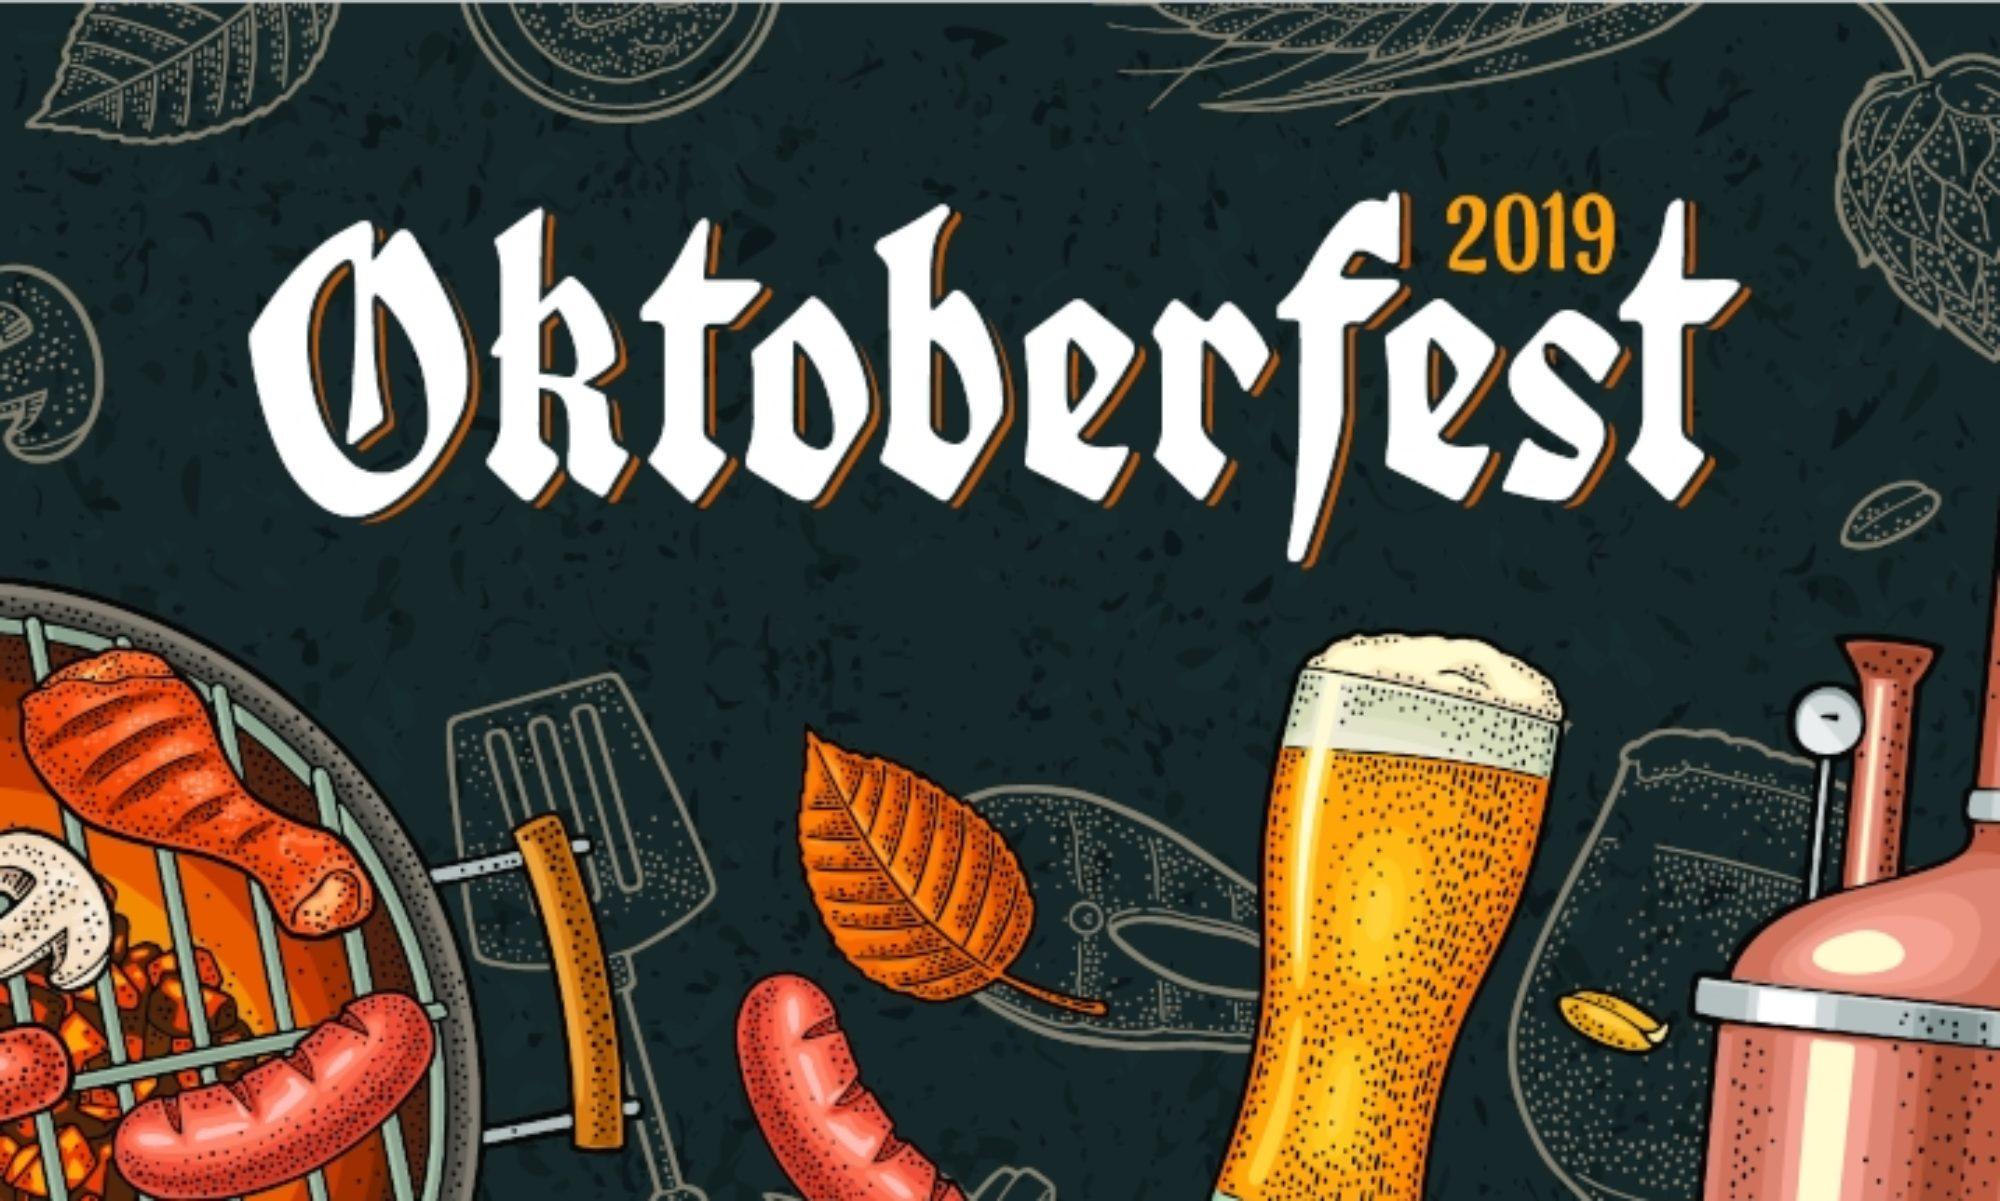 Quartierfest 2019 - Oktoberfest